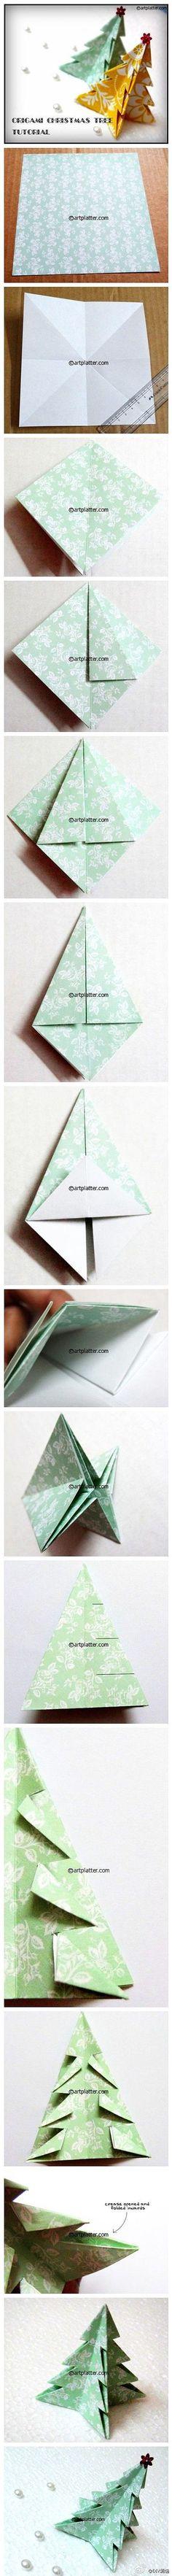 Arbol de Navidad de origami - ManualidadesGratis.es